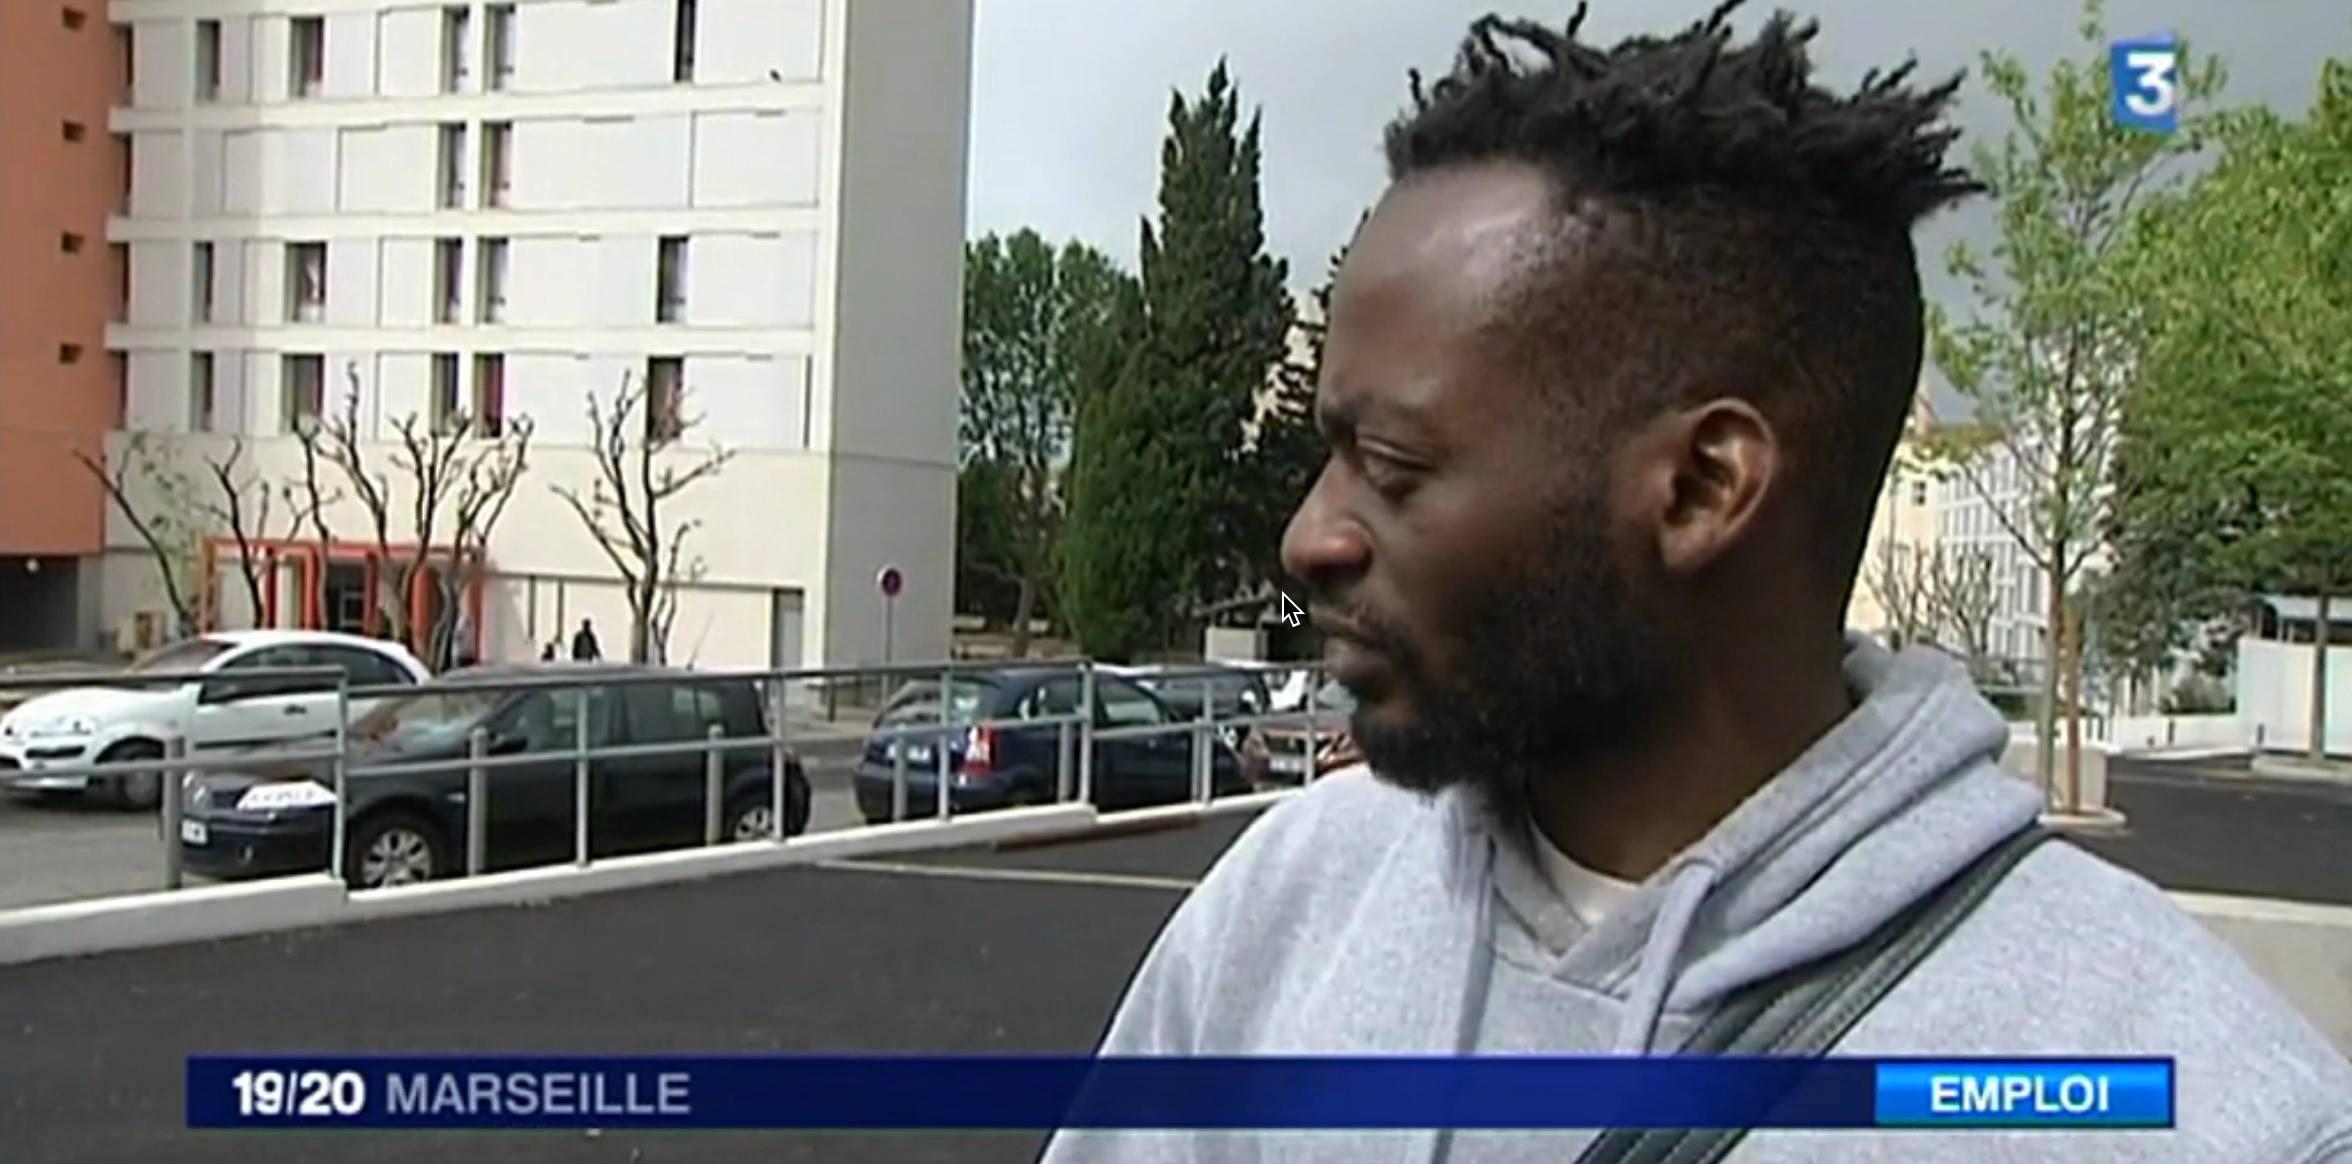 La caravane de l'entrepreneur France 3 Marseille - 26/04/2017